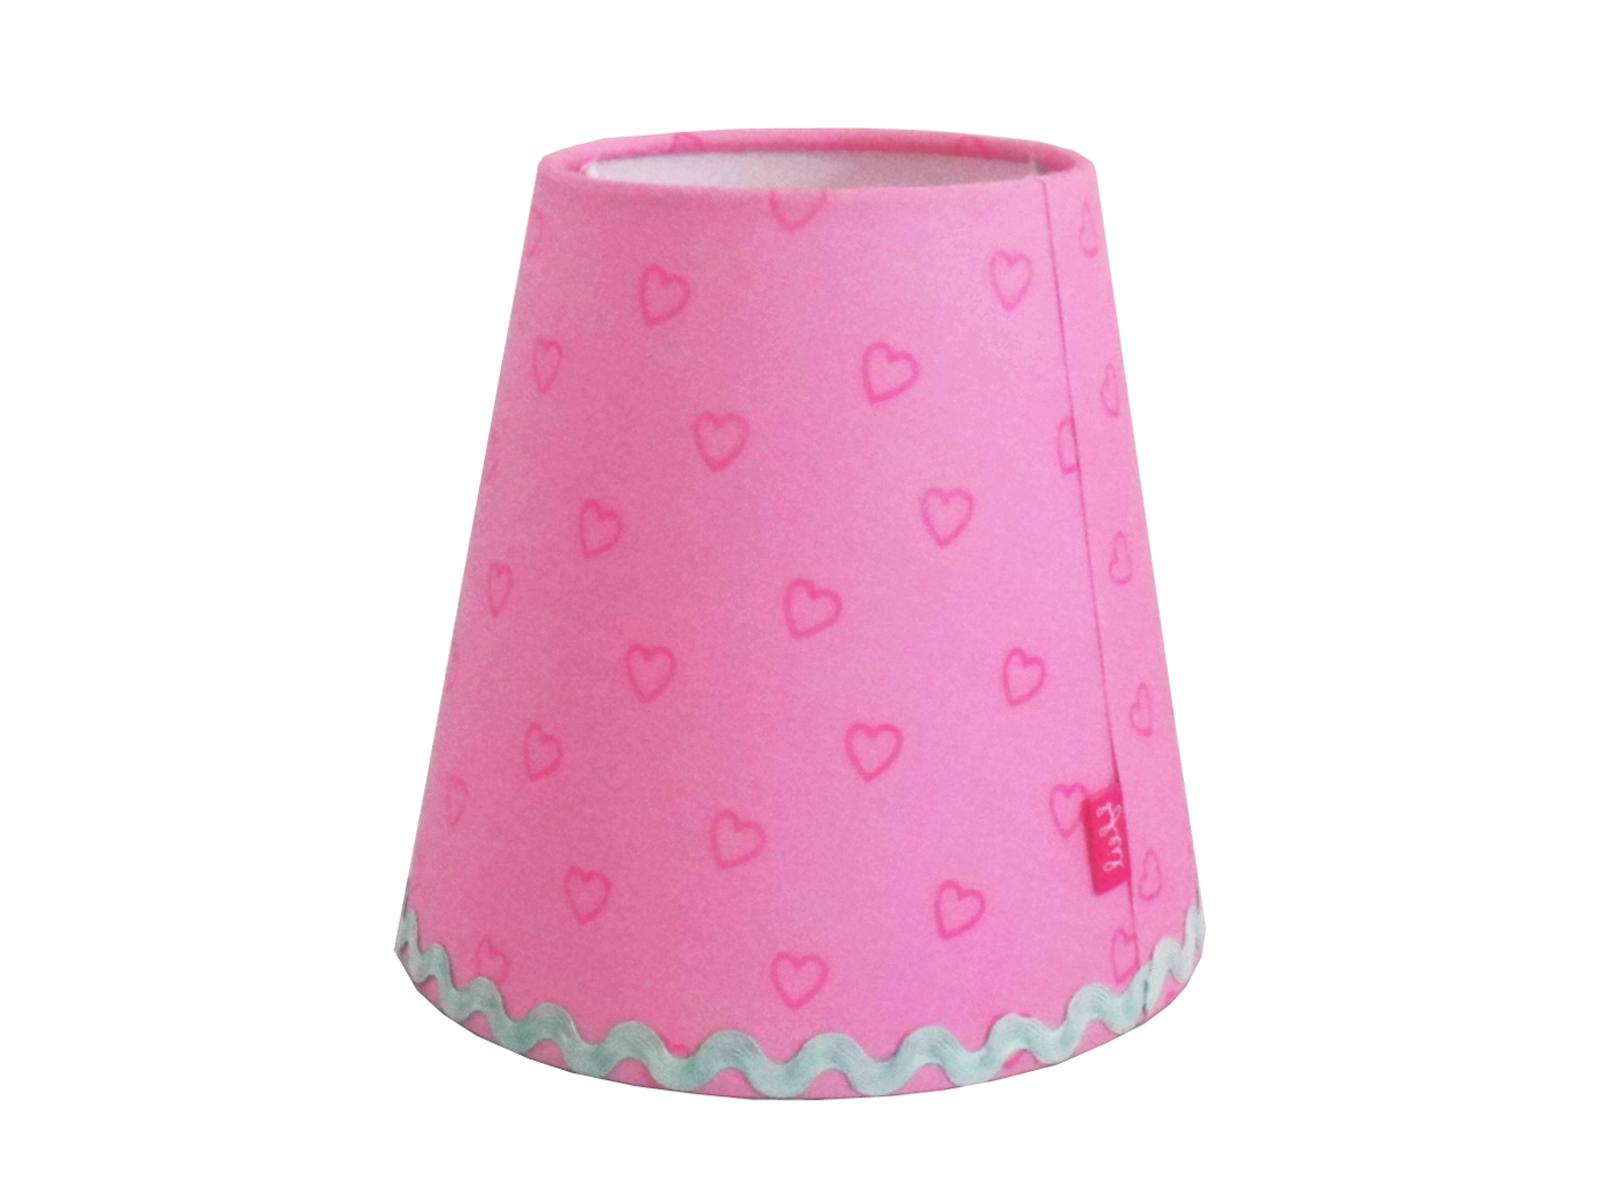 Kronleuchter Mit Schirm Rosa ~ Lampenschirm rosa mit herzen für lief kronleuchter und wandlampe